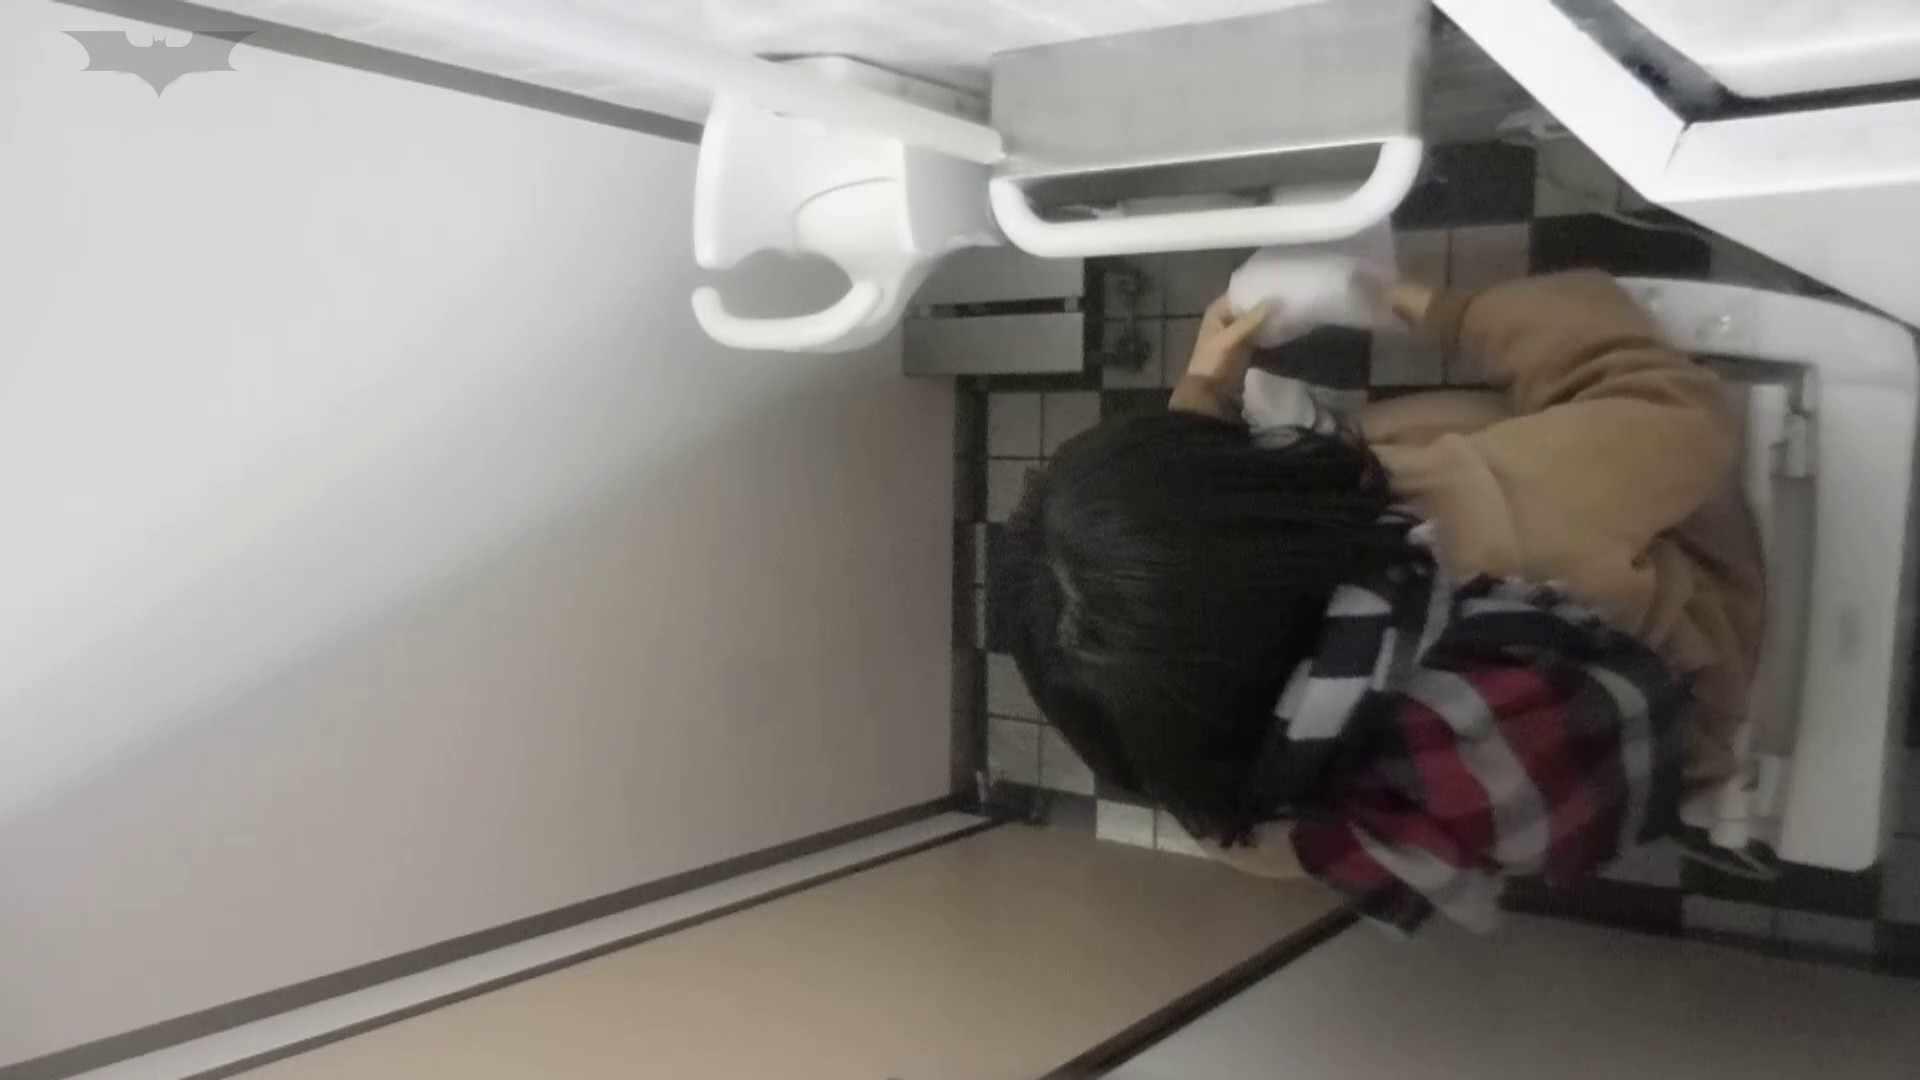 化粧室絵巻 駅舎編 VOL.21 ヨリドリミドリ!!選びたい放題です。 洗面所のぞき 戯れ無修正画像 89枚 79